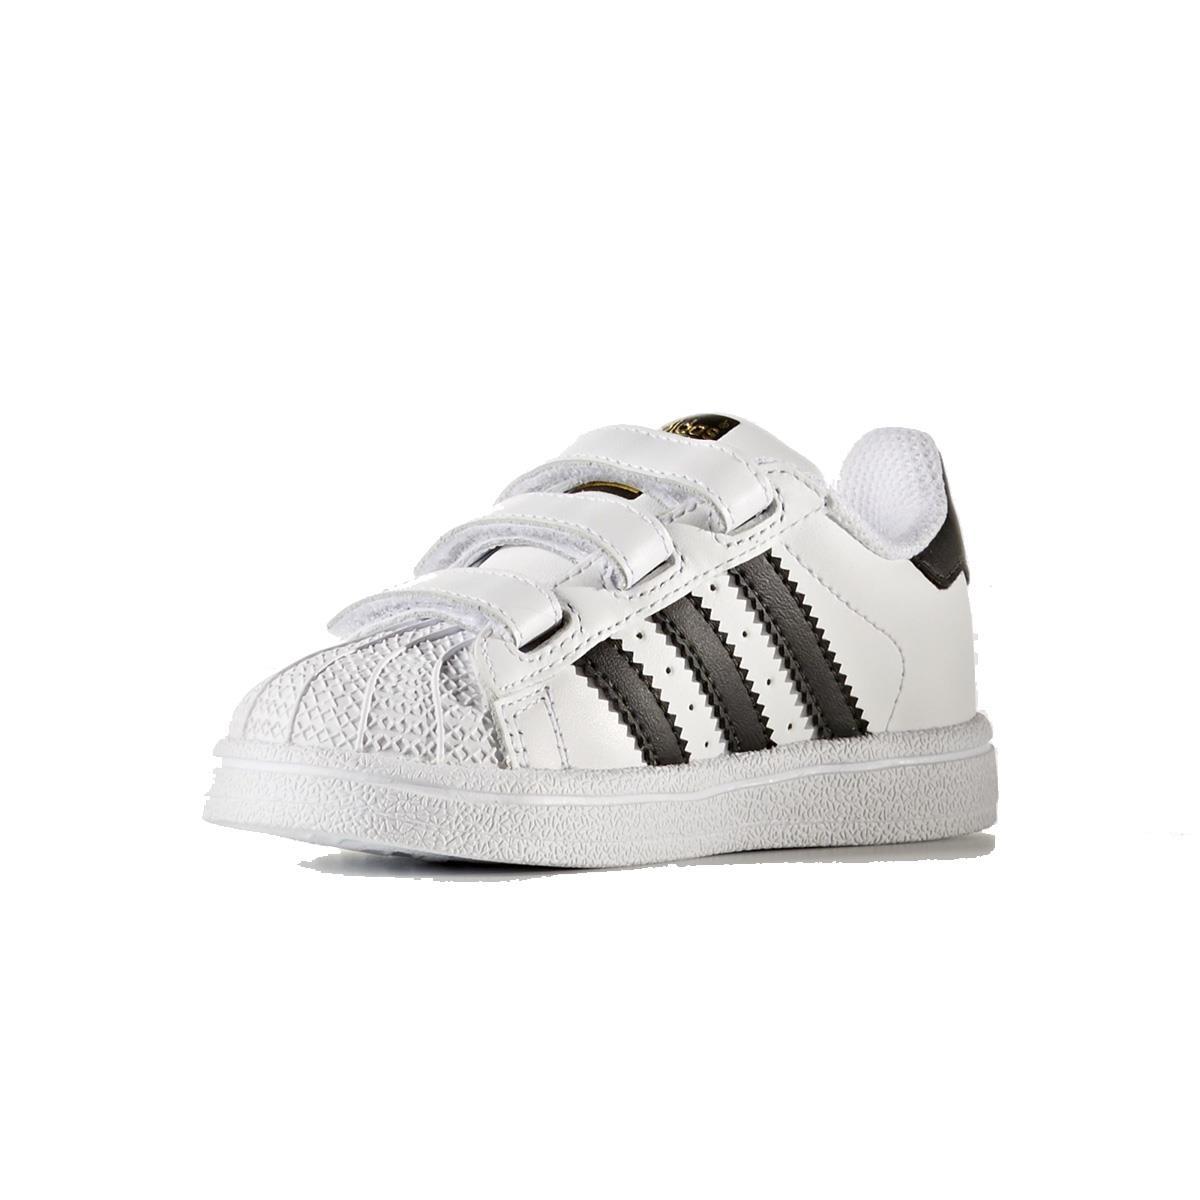 0d440373be6 Tênis Adidas Superstar CF I Infantil